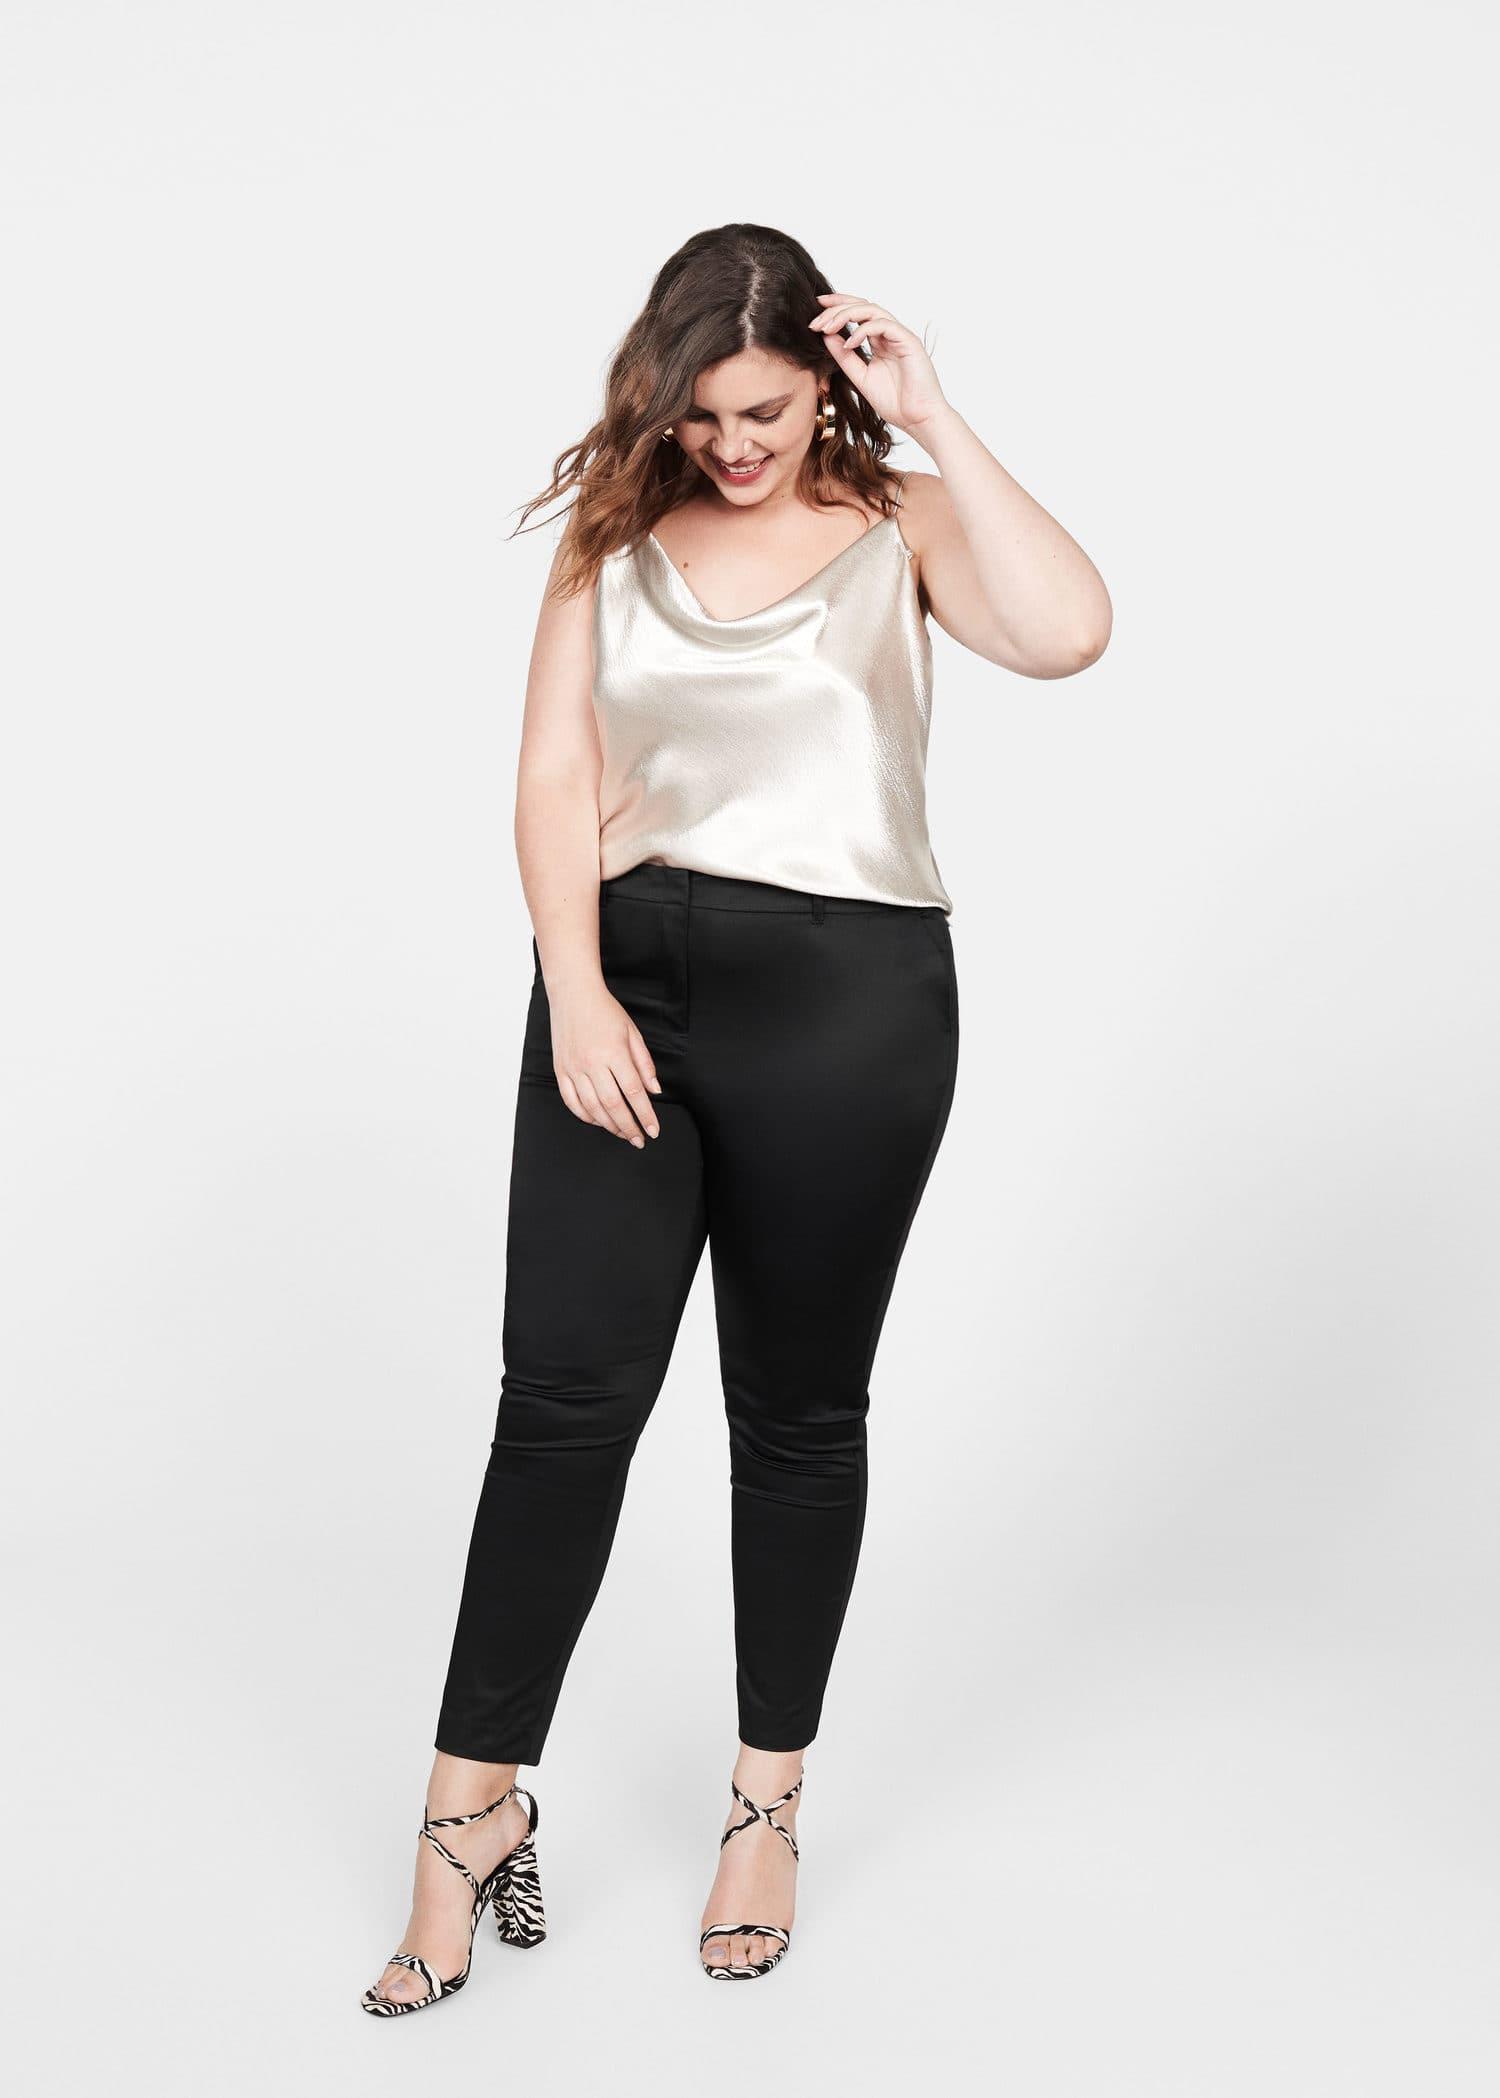 Bukser Store størrelser | OUTLET Norge